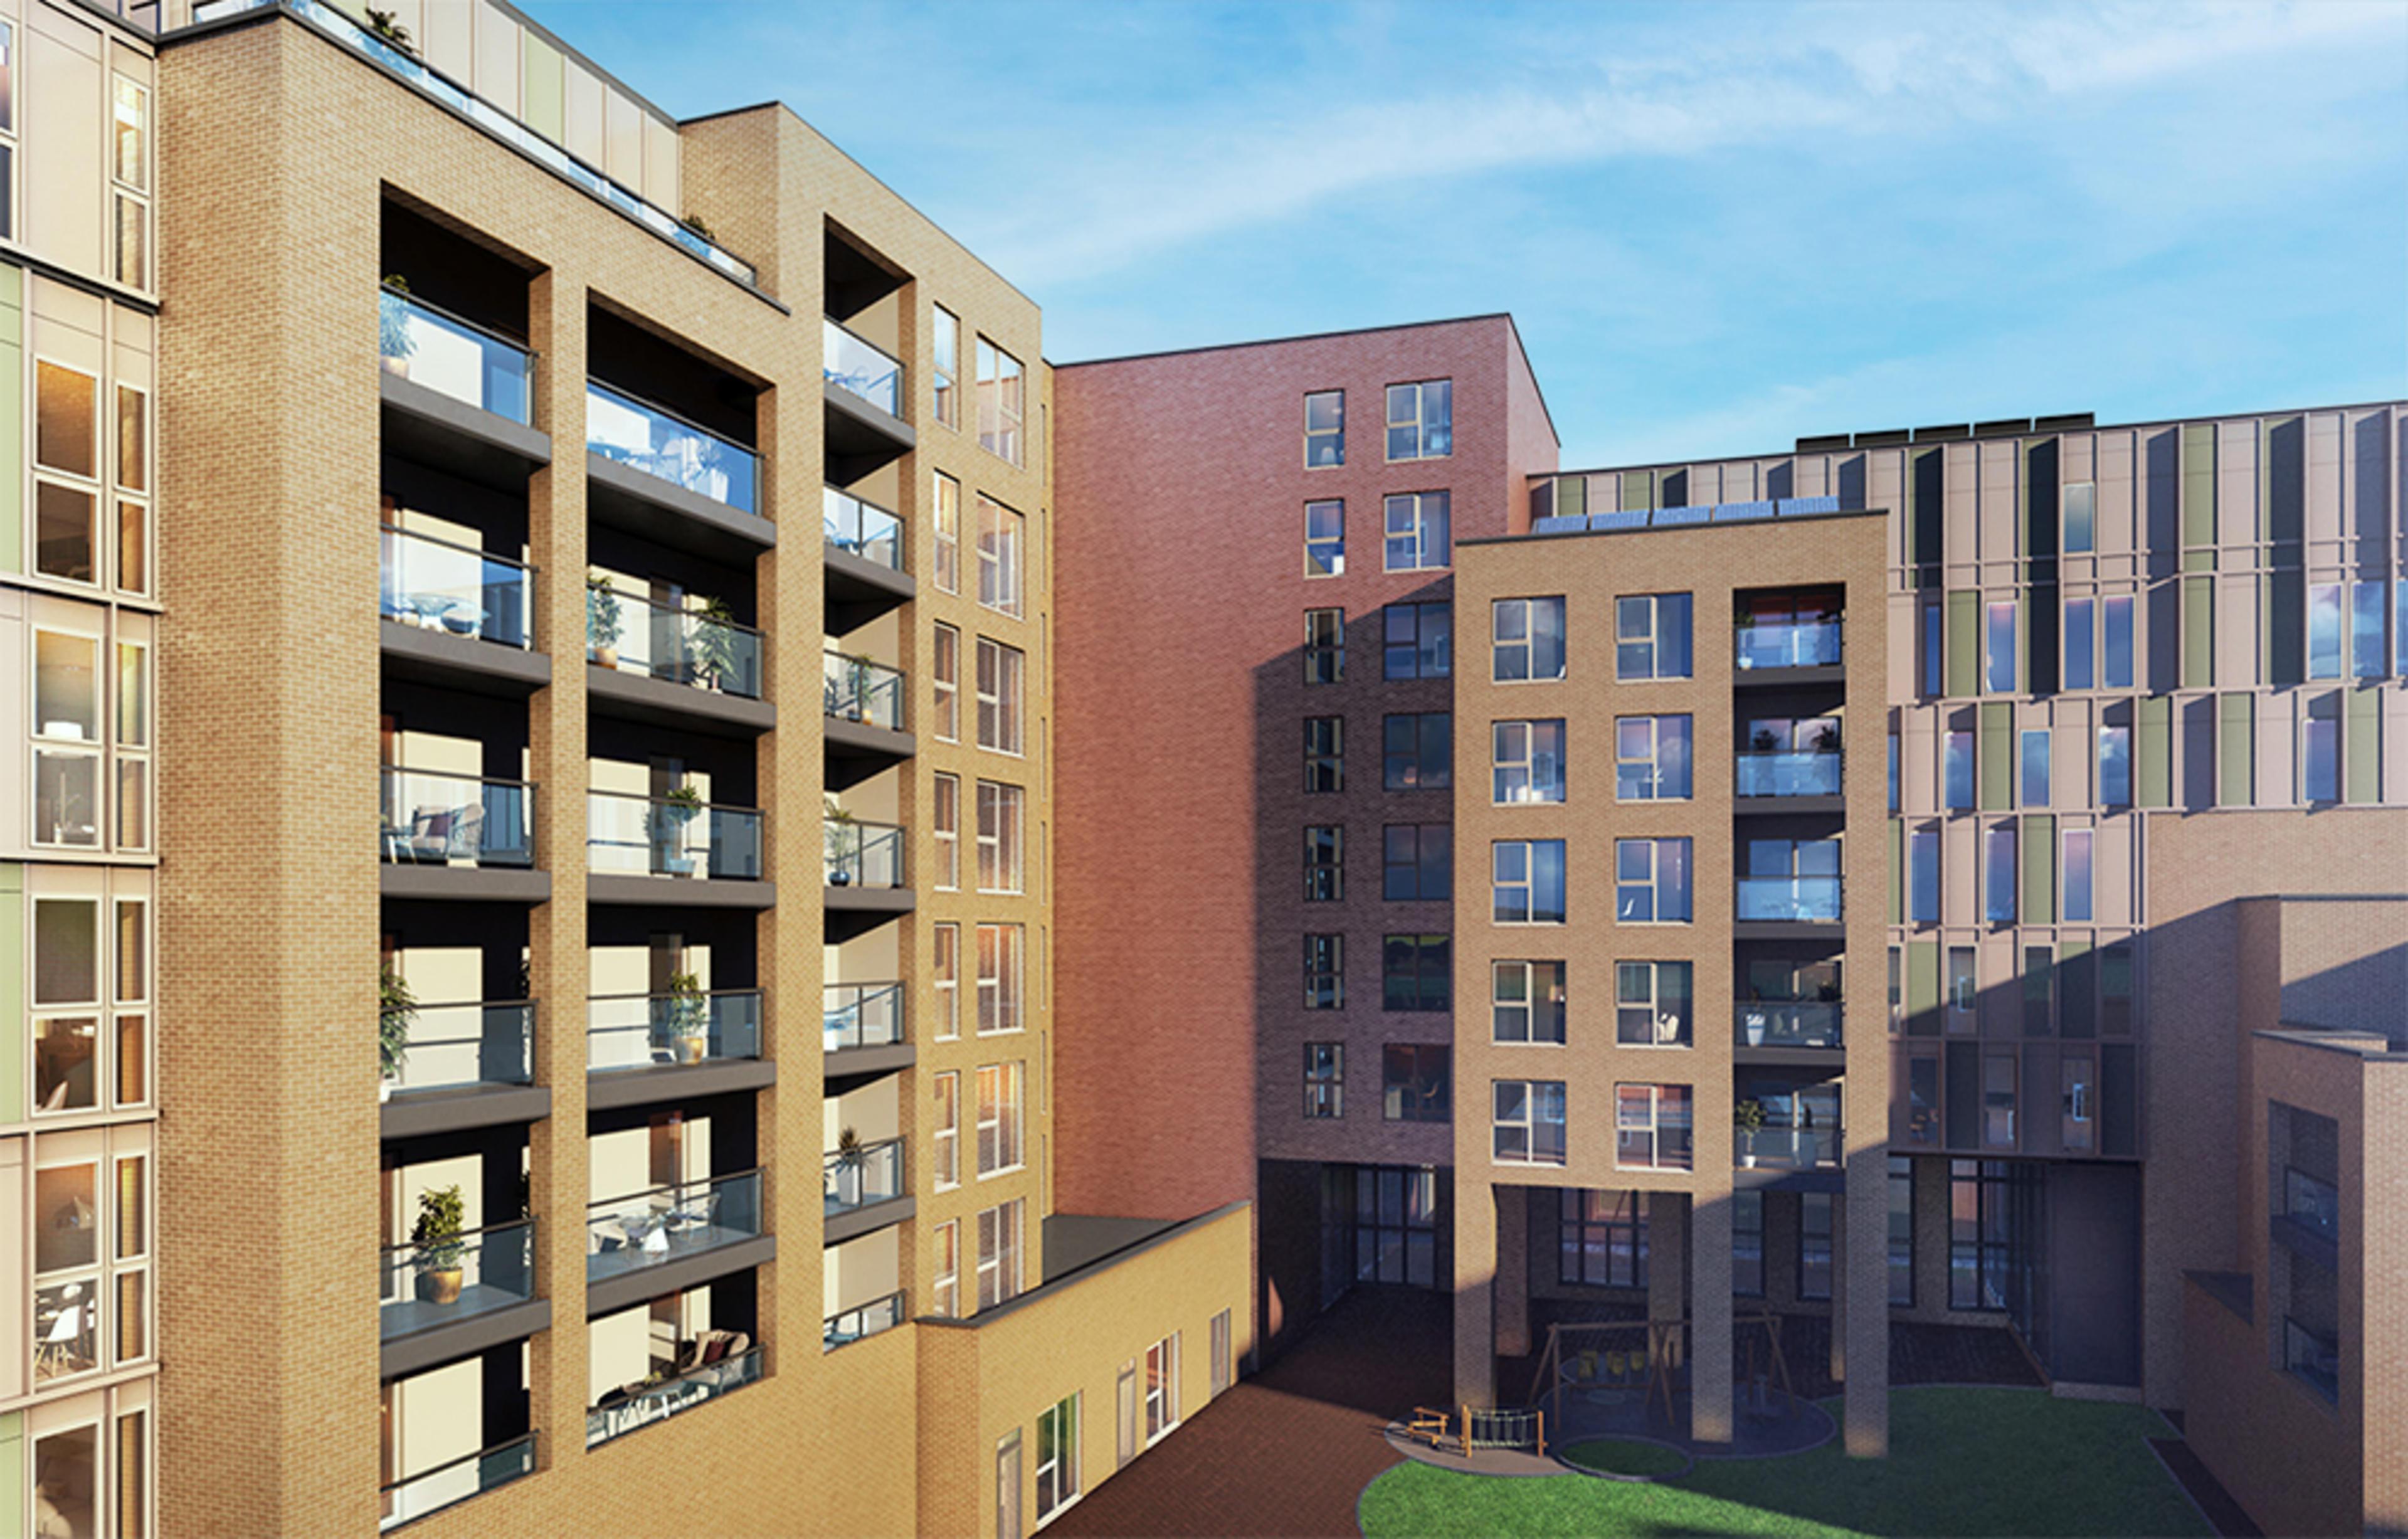 rub1x-development-southall-external-courtyard-view